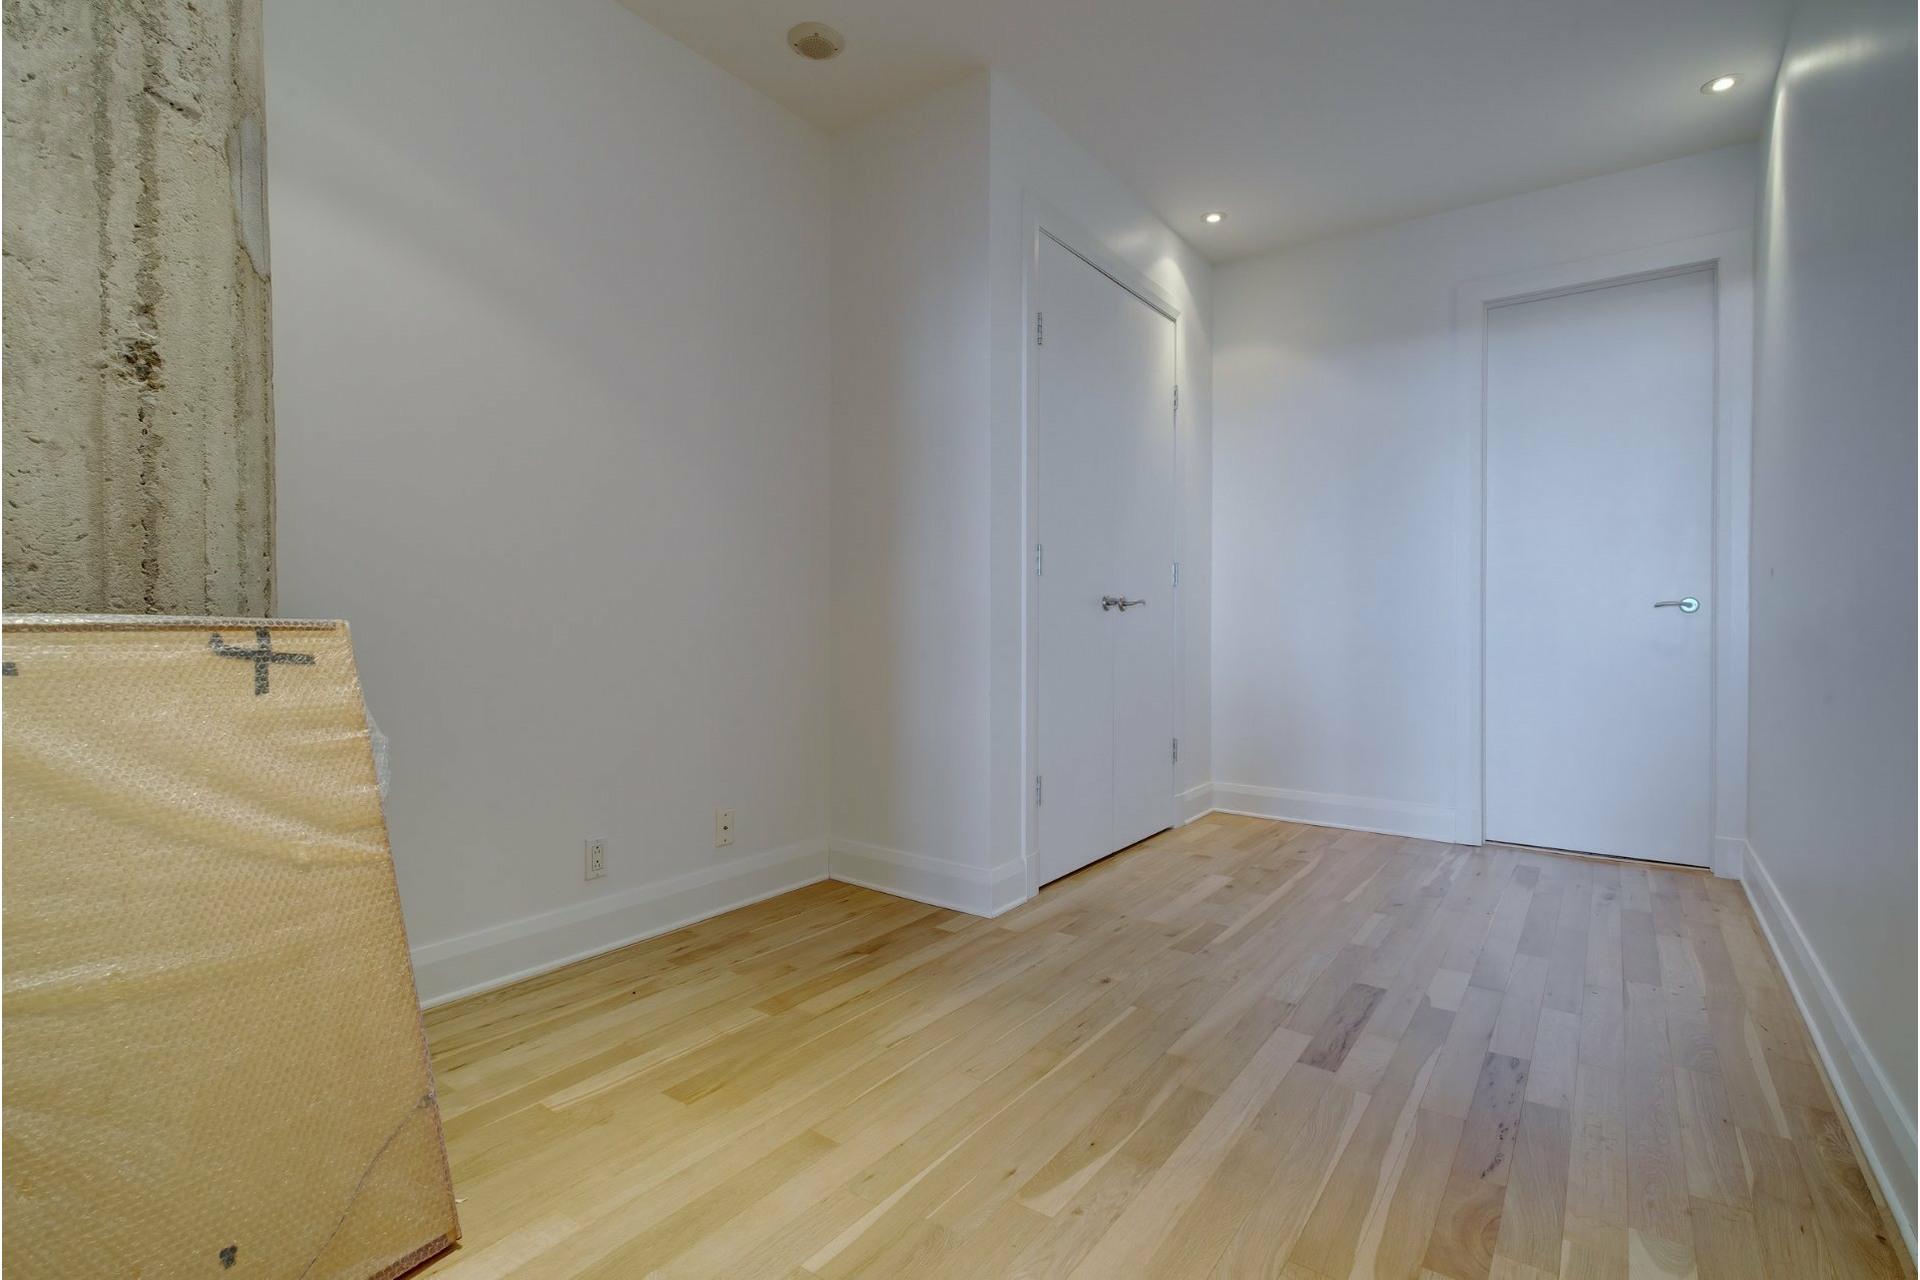 image 26 - Apartment For sale Ville-Marie Montréal  - 6 rooms